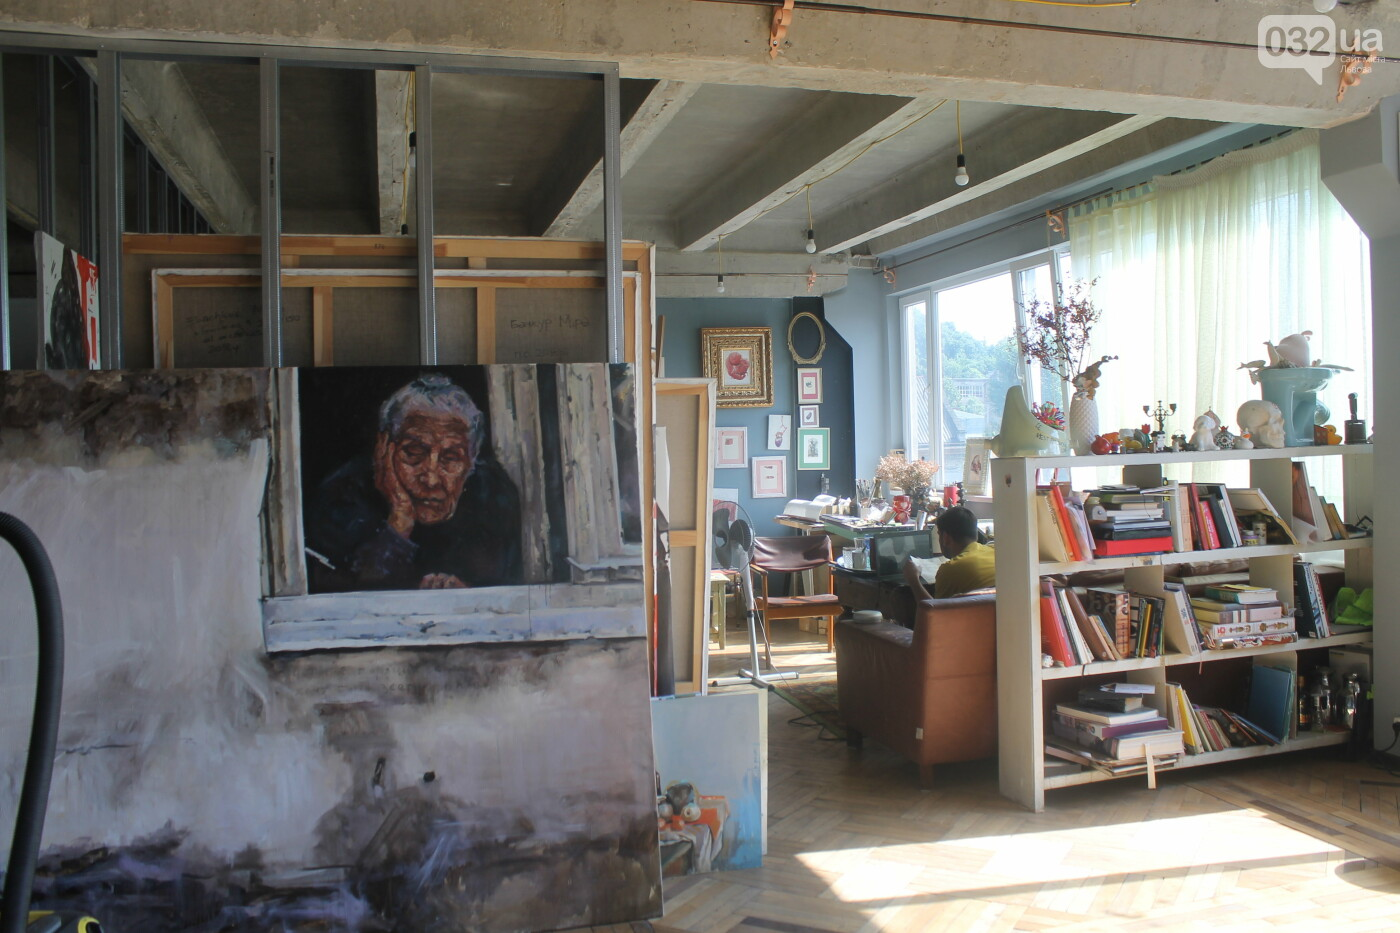 Один день із життя оновленого львівського заводу РЕМА, - ФОТОРЕПОРТАЖ, фото-81